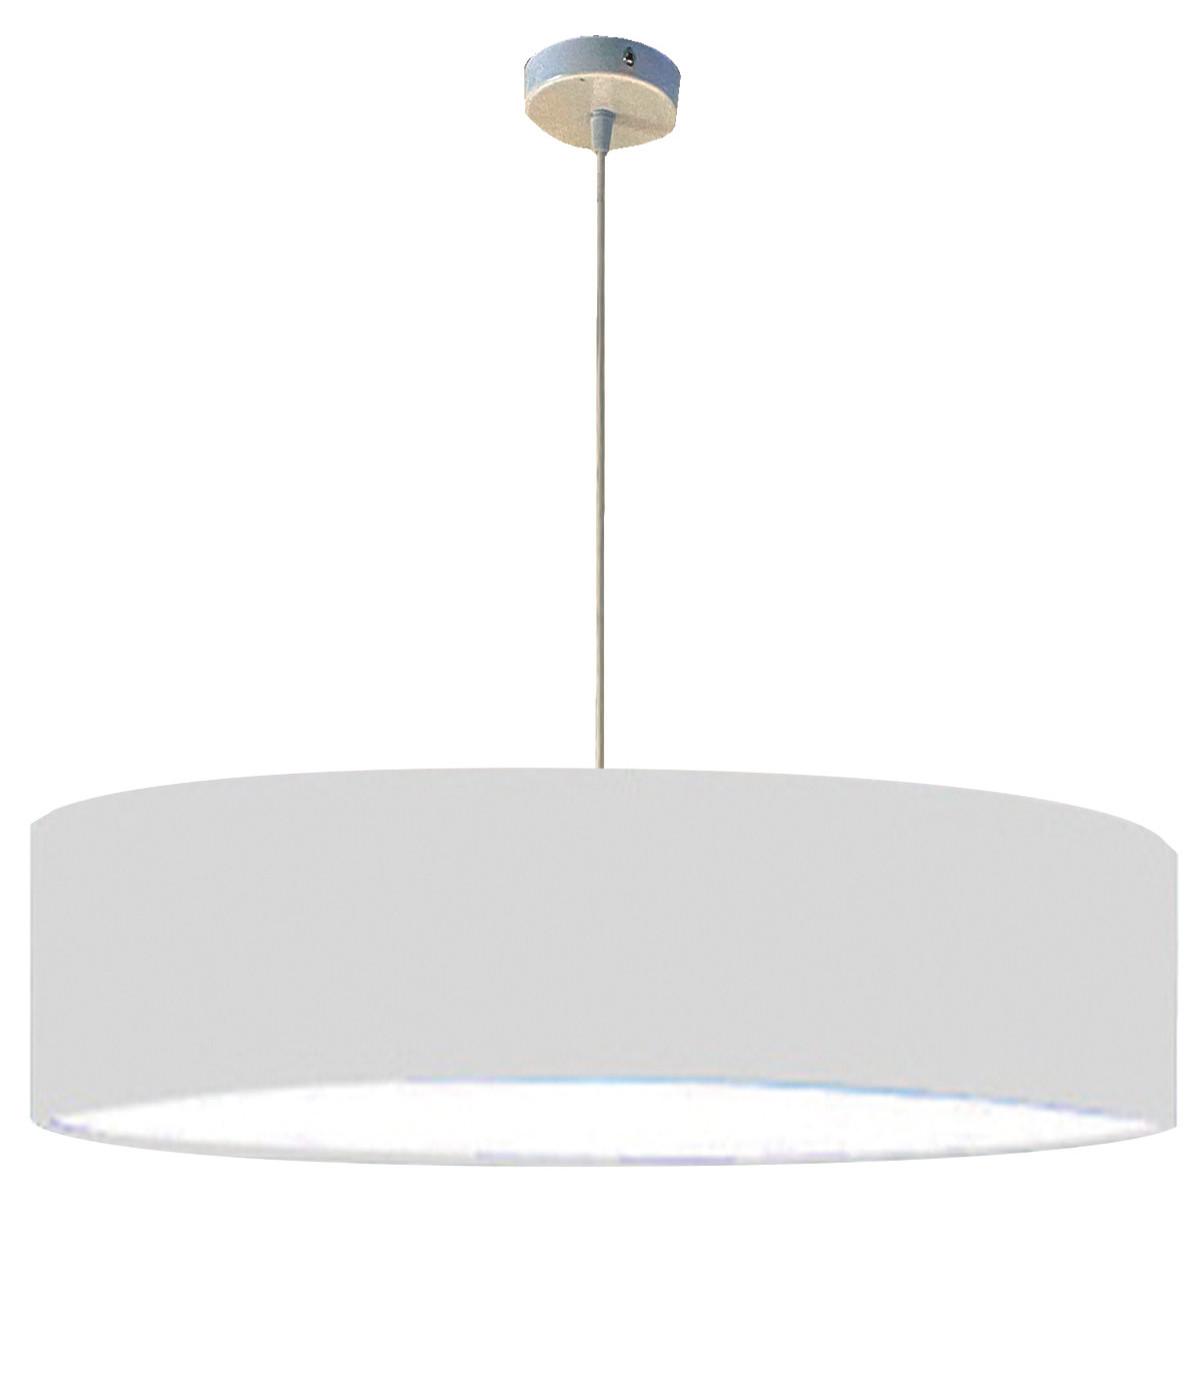 Suspension blanc d 65 cm